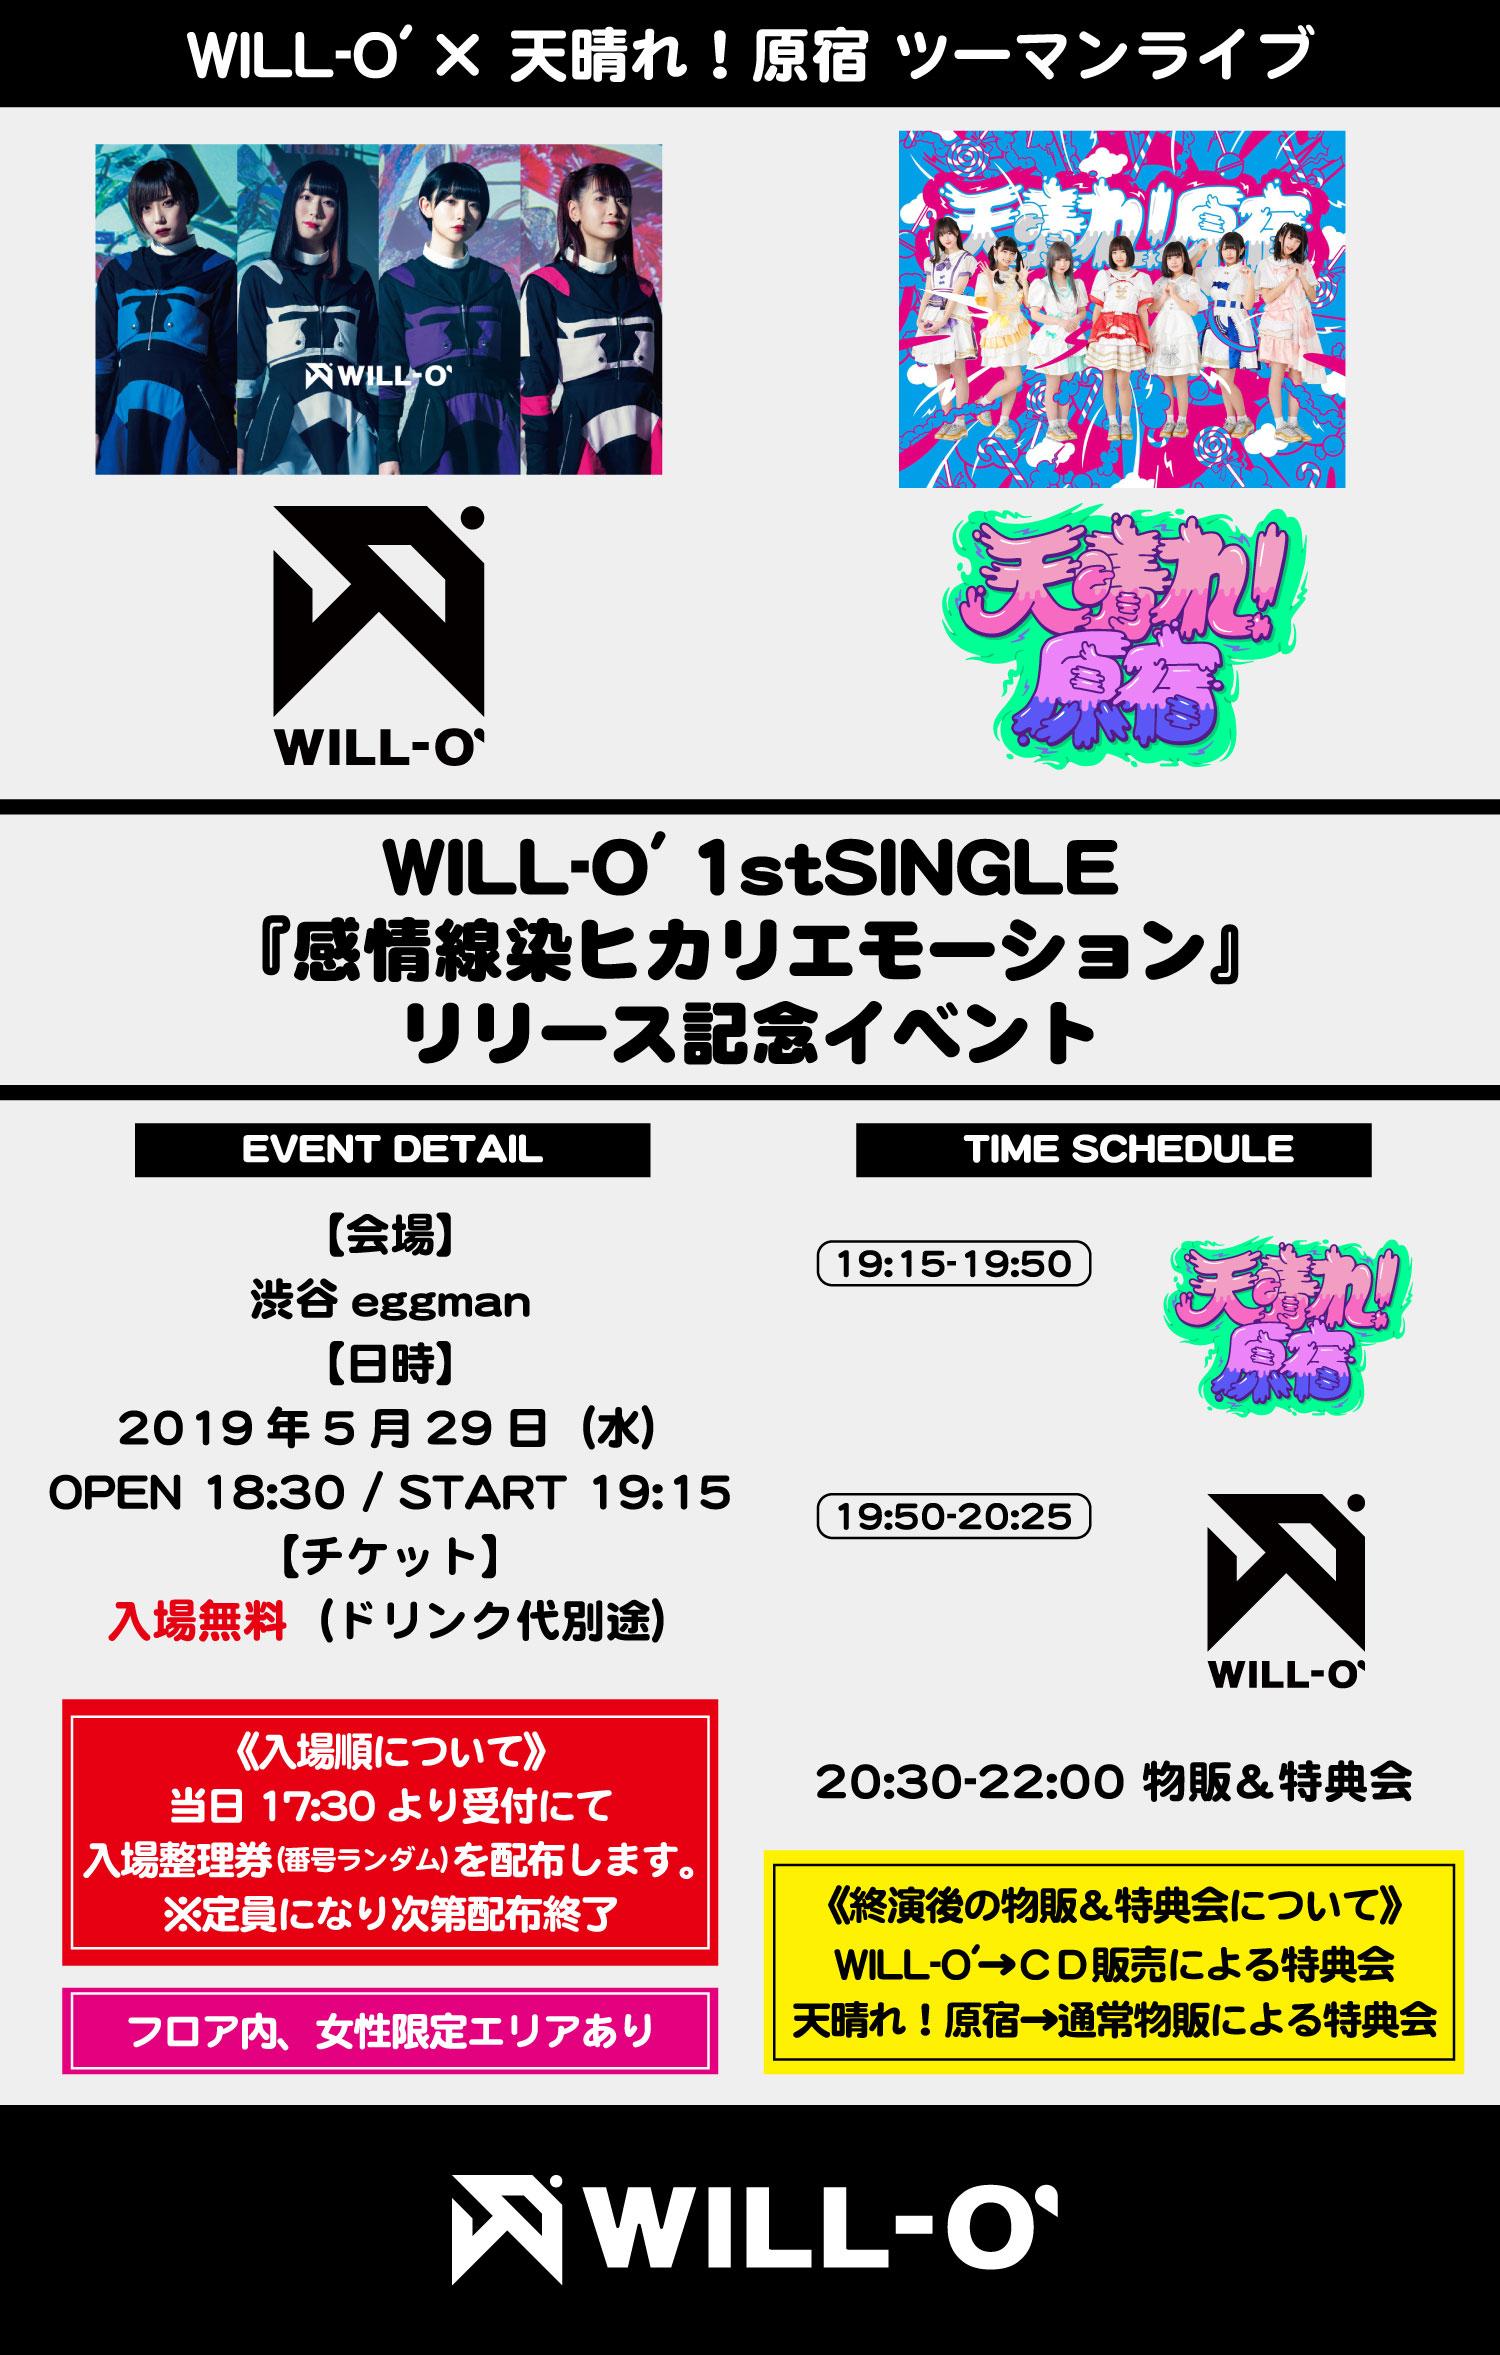 WILL-O' 1stSINGLE『感情線染ヒカリエモーション』リリース記念イベント